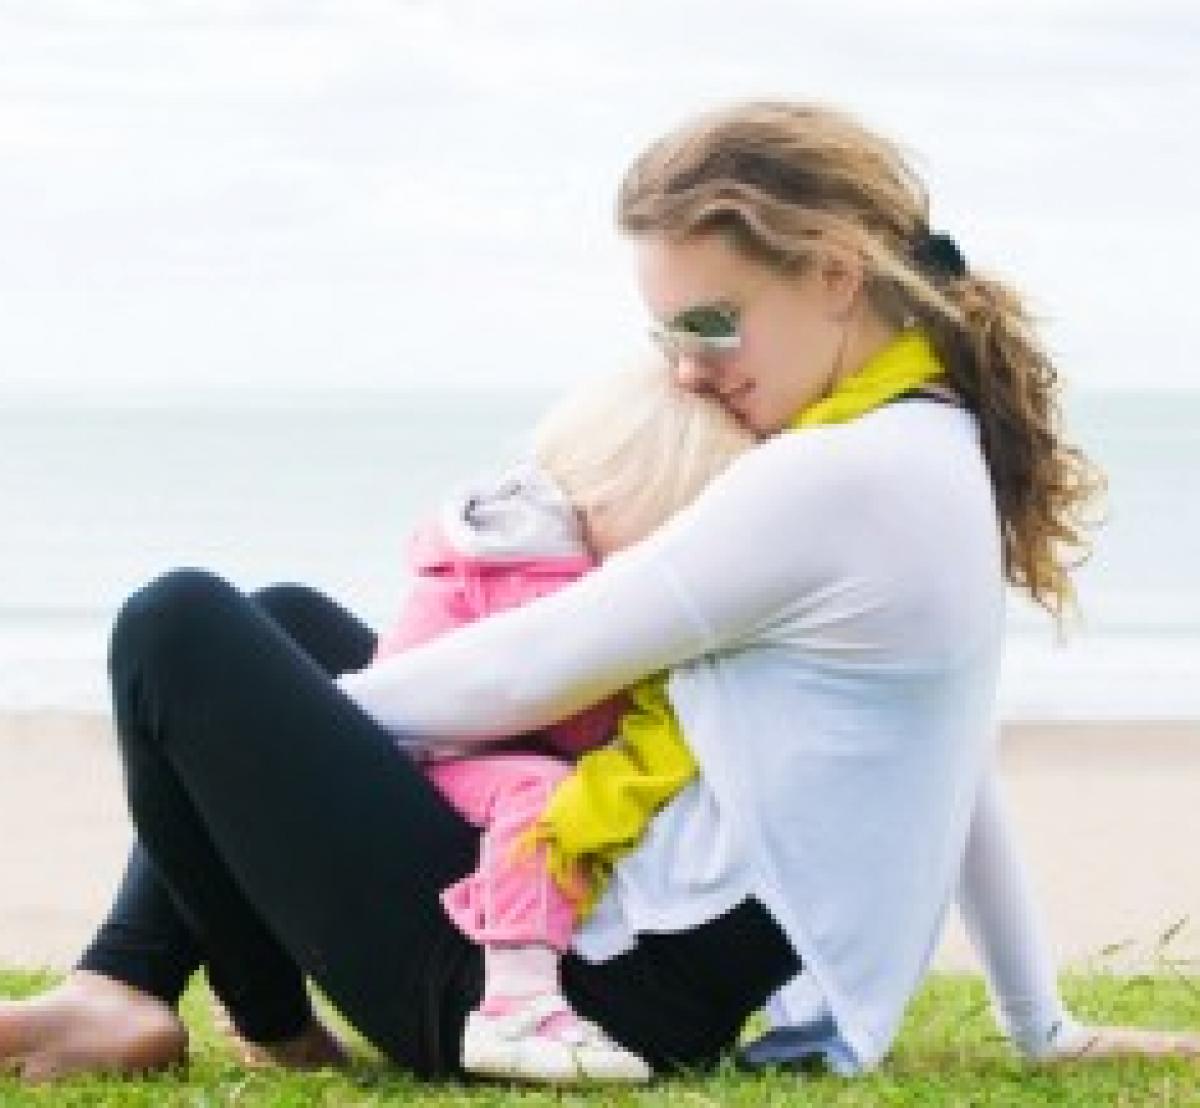 Έχει το παιδί σας αναπτυξιακή καθυστέρηση; 5 λόγοι να μην πανικοβάλλεστε